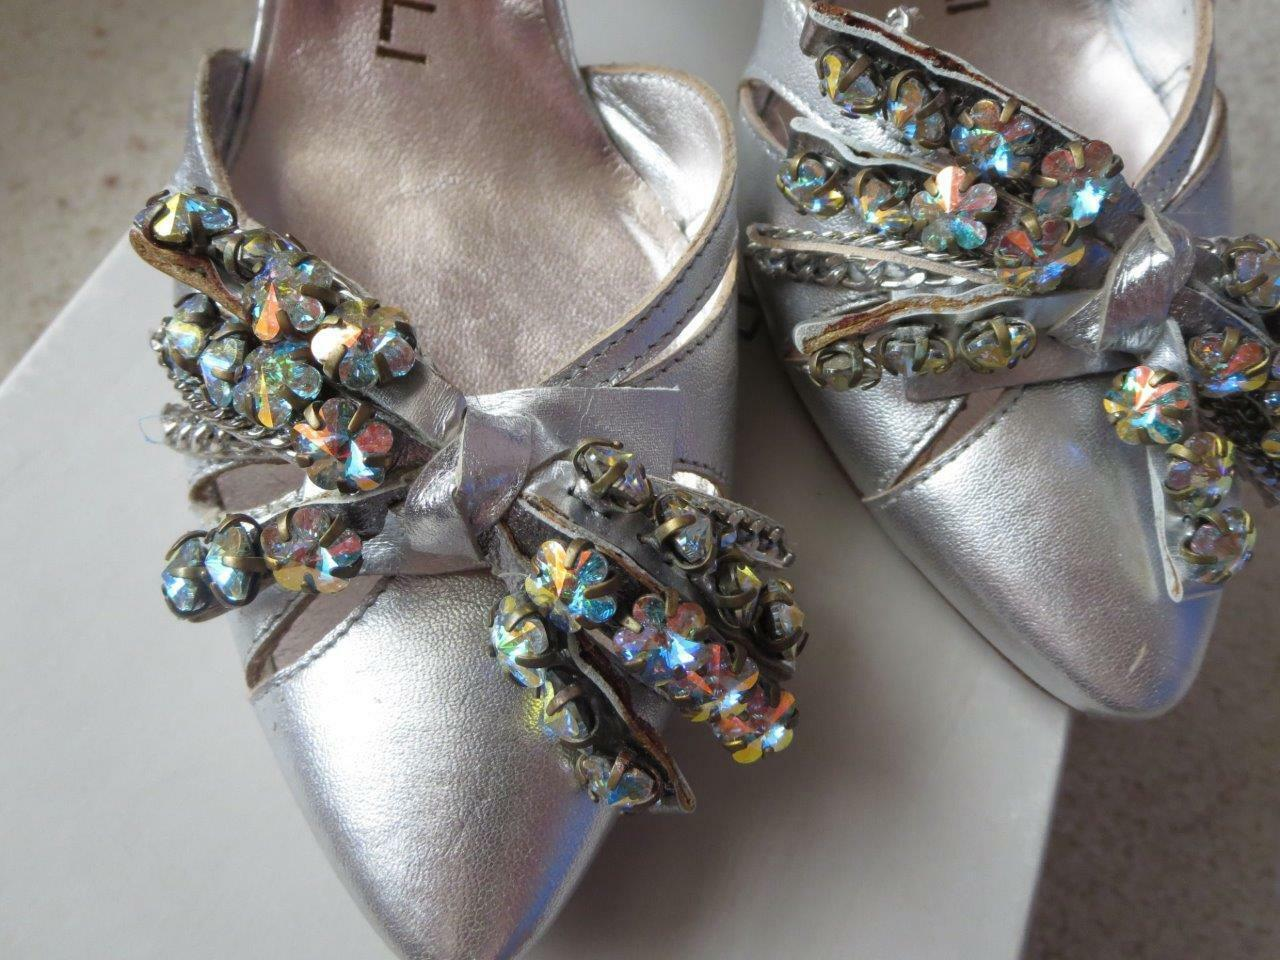 499 NIB Giancarlo Paoli Silver Leather Rhinestones Pump shoes US 6   EUR 36 New